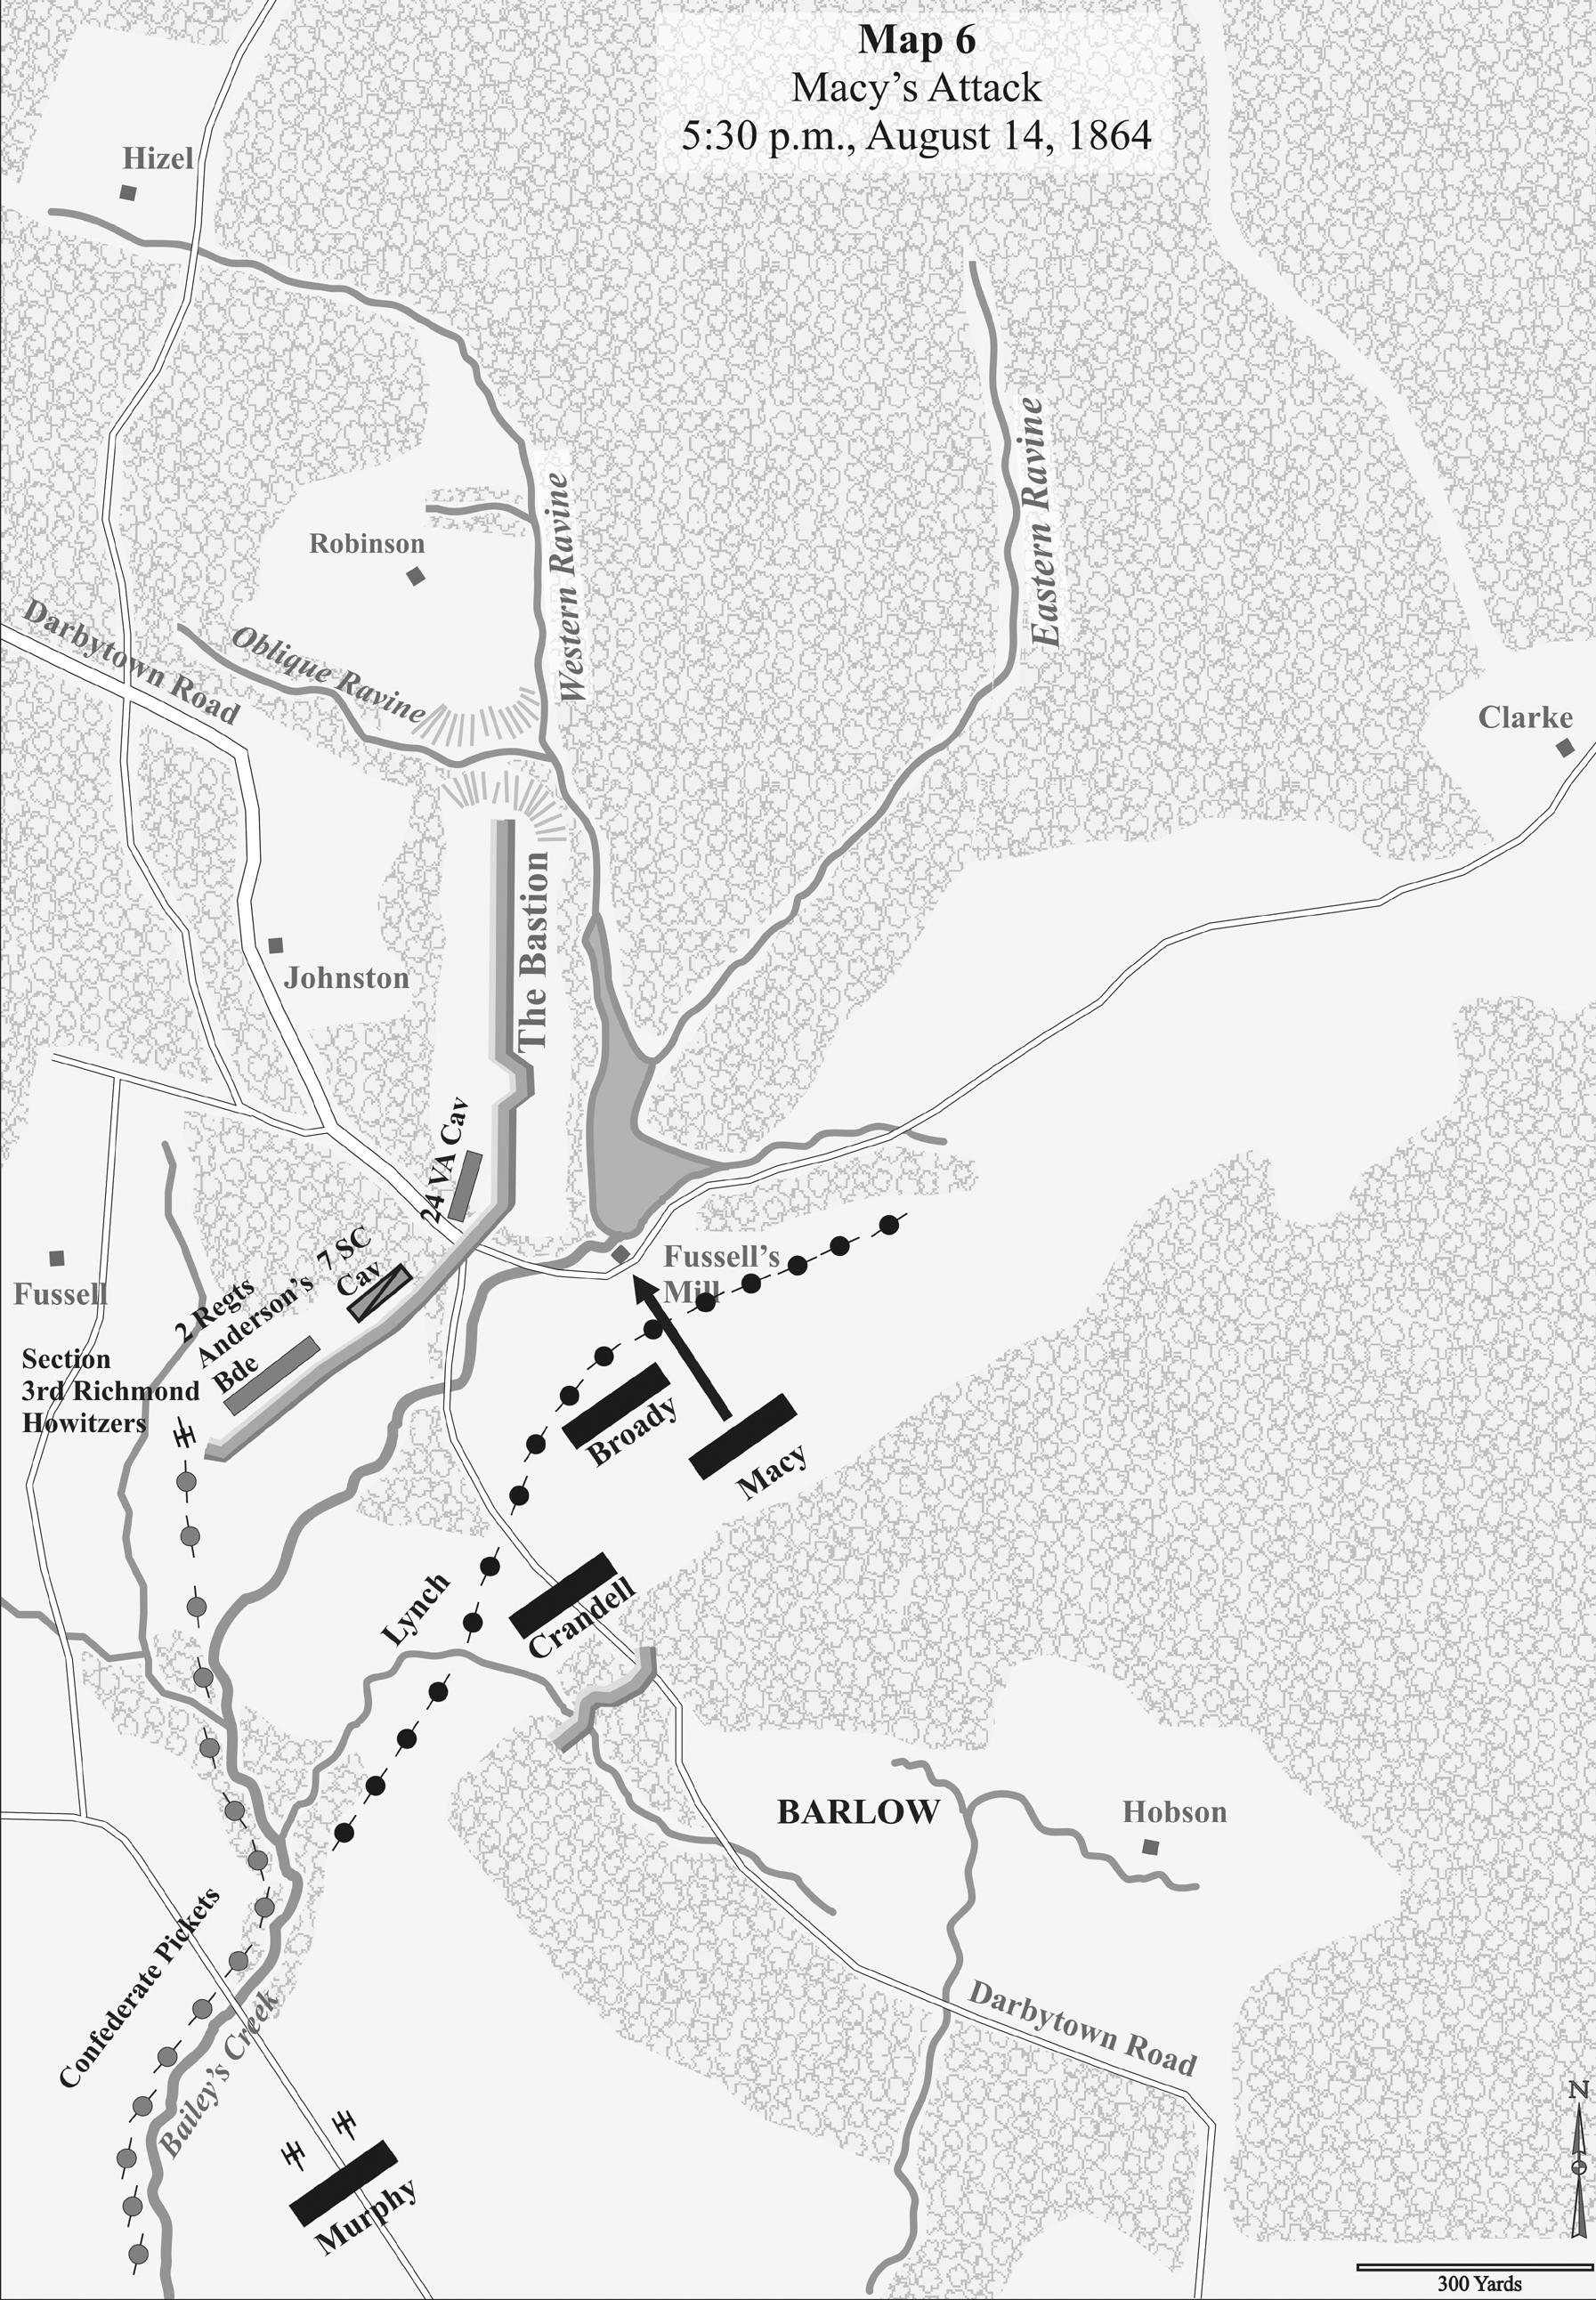 Horn Weldon RR Battles Second Deep Bottom Map 6 Macy's Attack 5:30 p.m., August 14, 1864